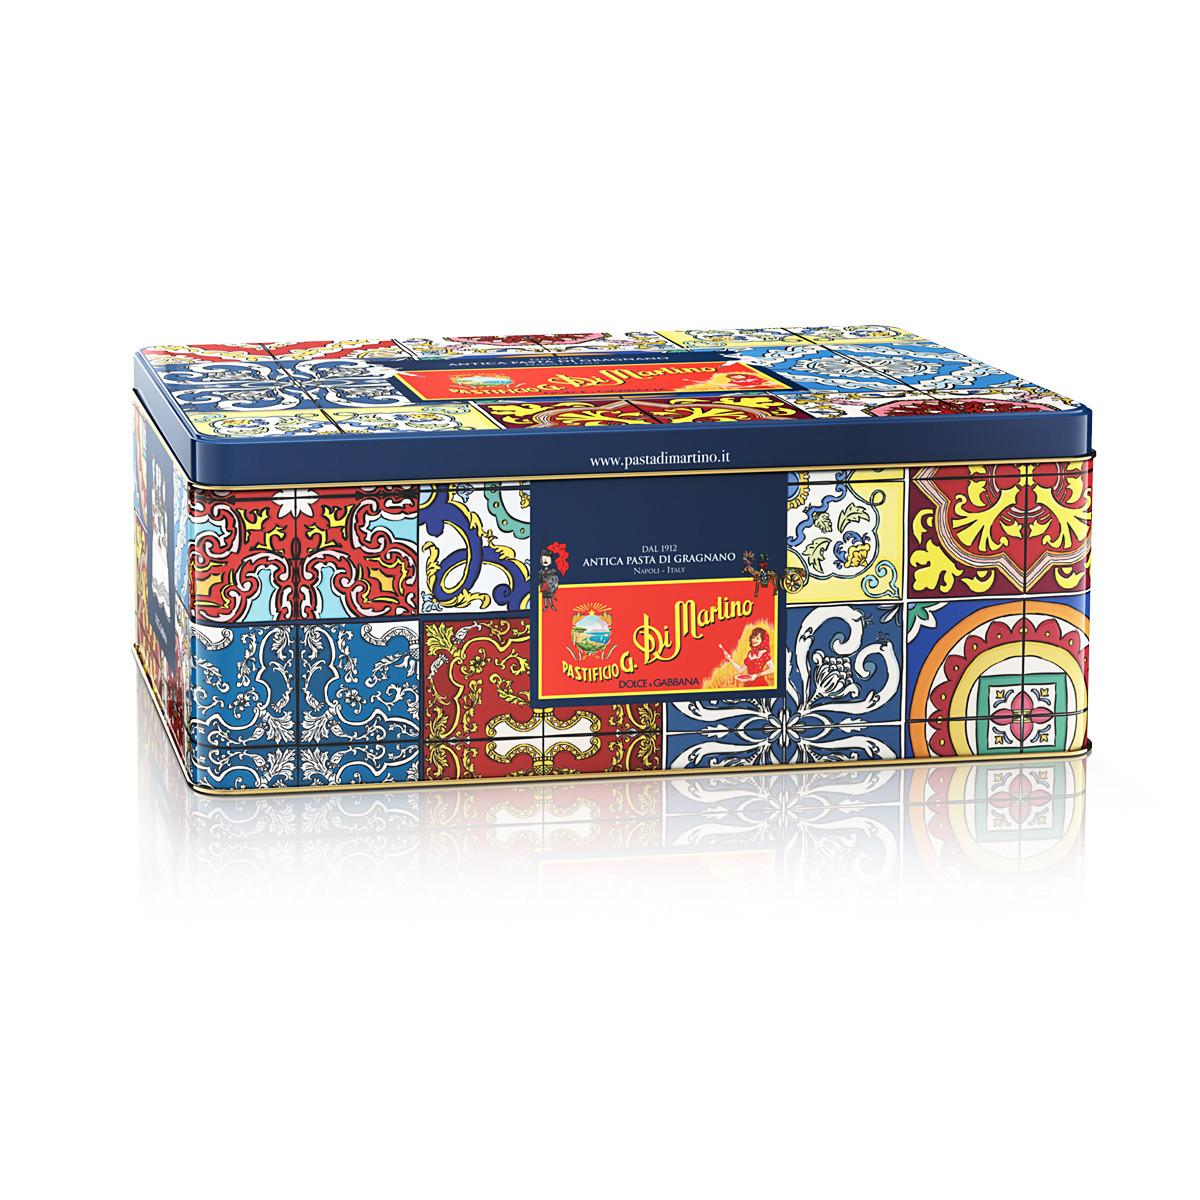 Подарочный набор, ДИ МАРТИНО Dolce & Gabanna фартук + макароны (5х500г) + жестяная коробка